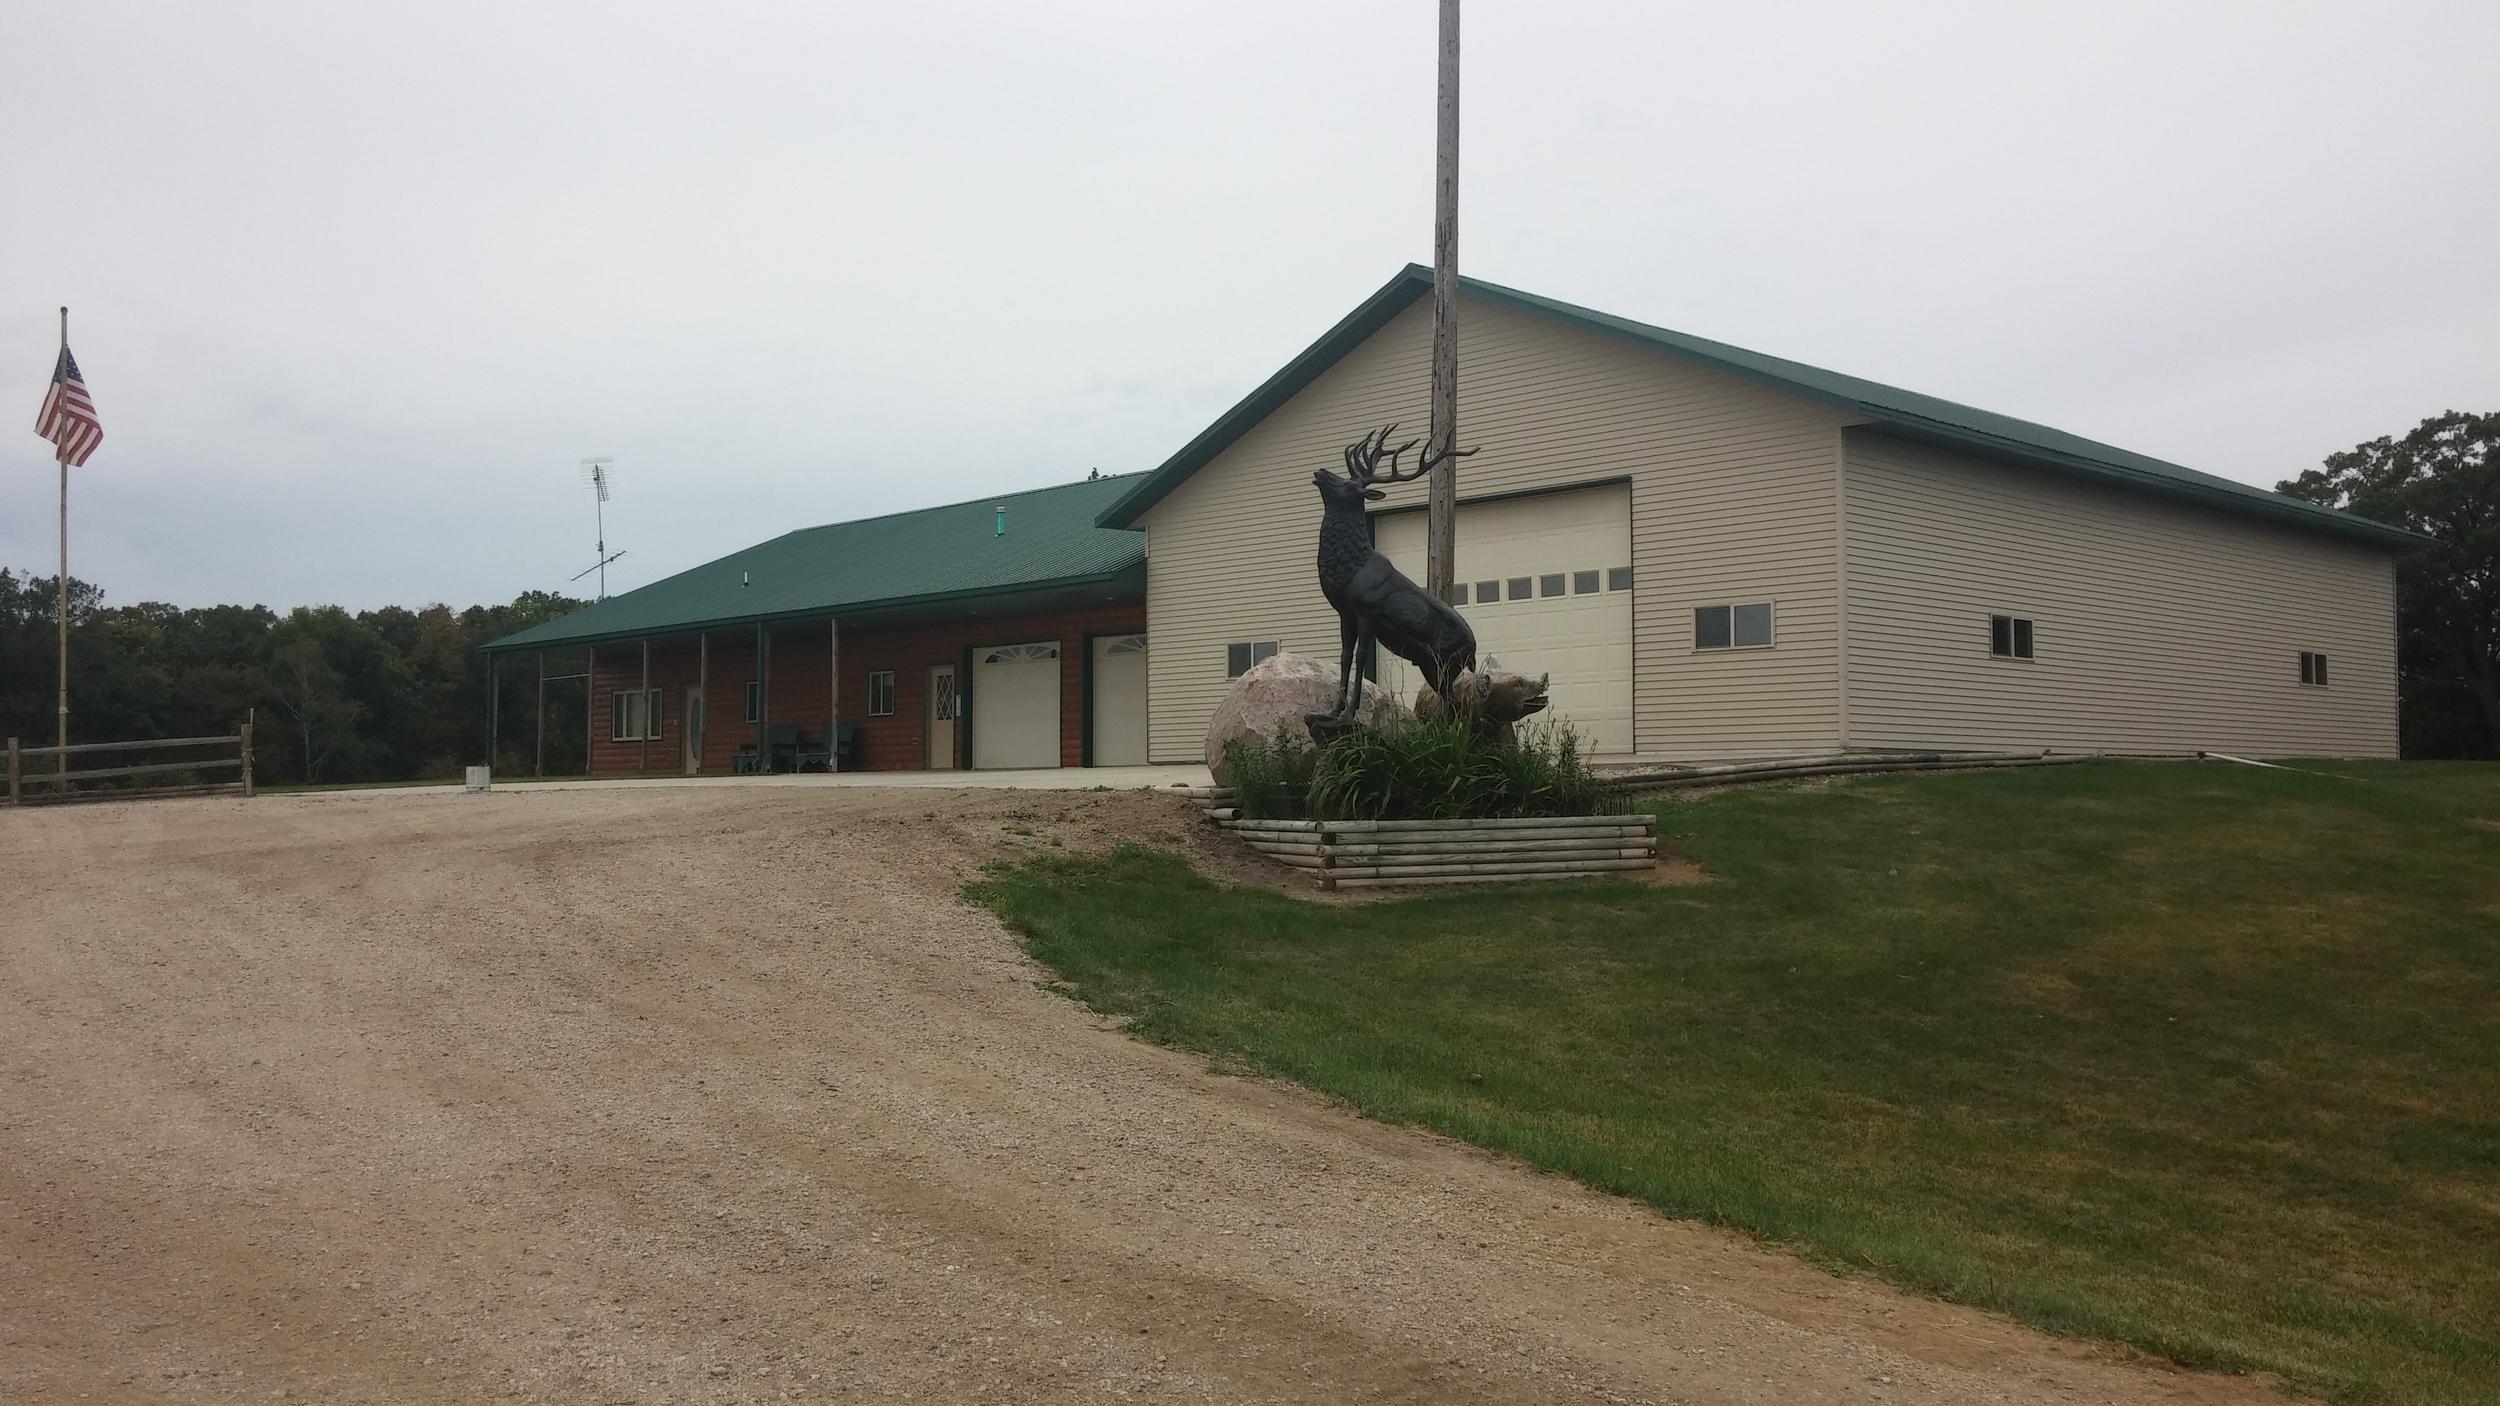 First class labrador retriever training facilities